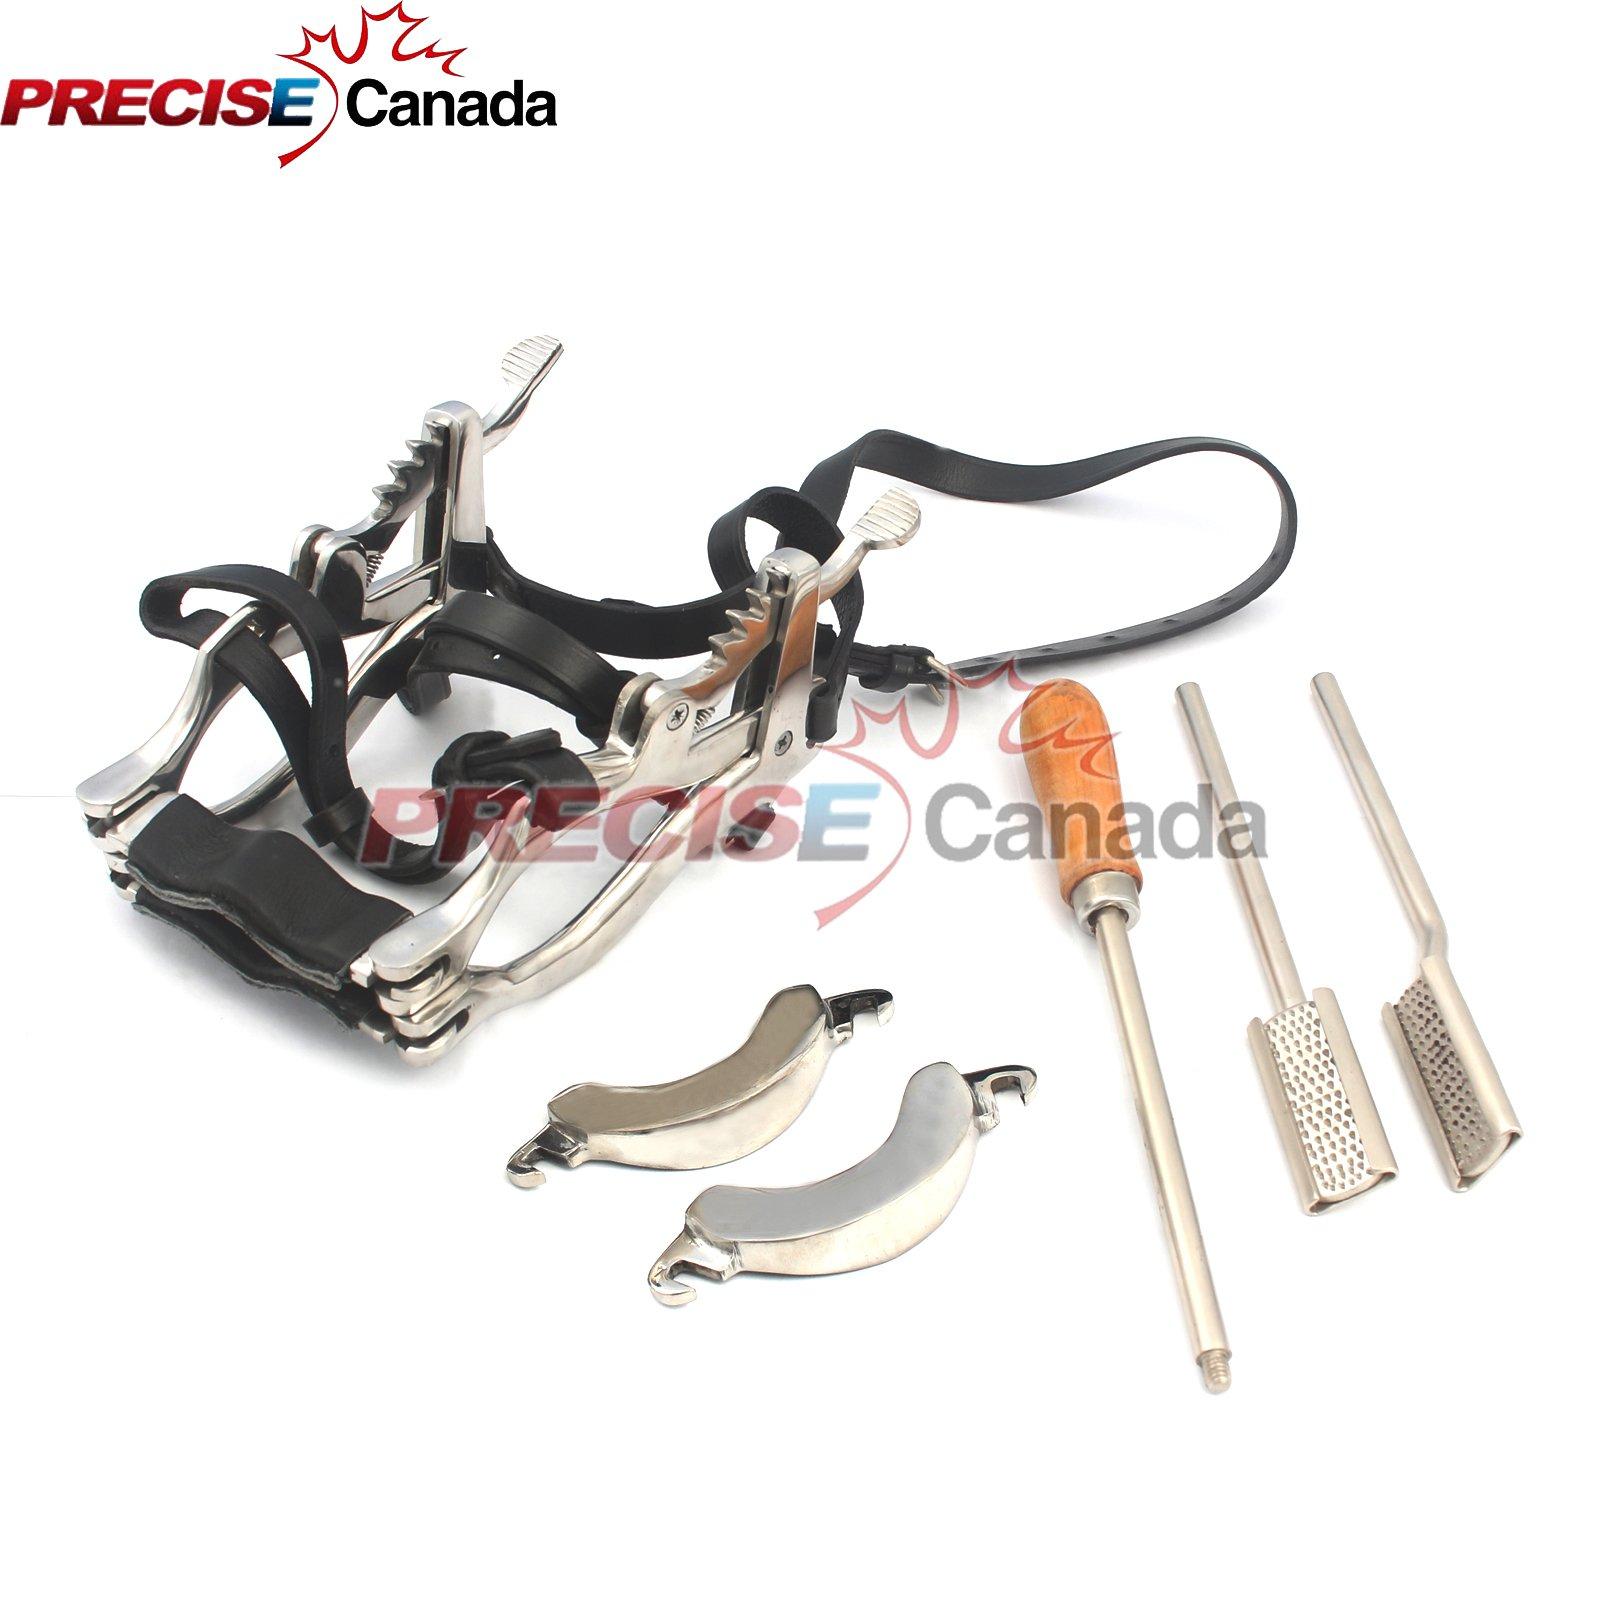 PRECISE CANADA: EQUINE DENTAL FLOAT-RASP HORSE SPECULUM GAG LEATHER